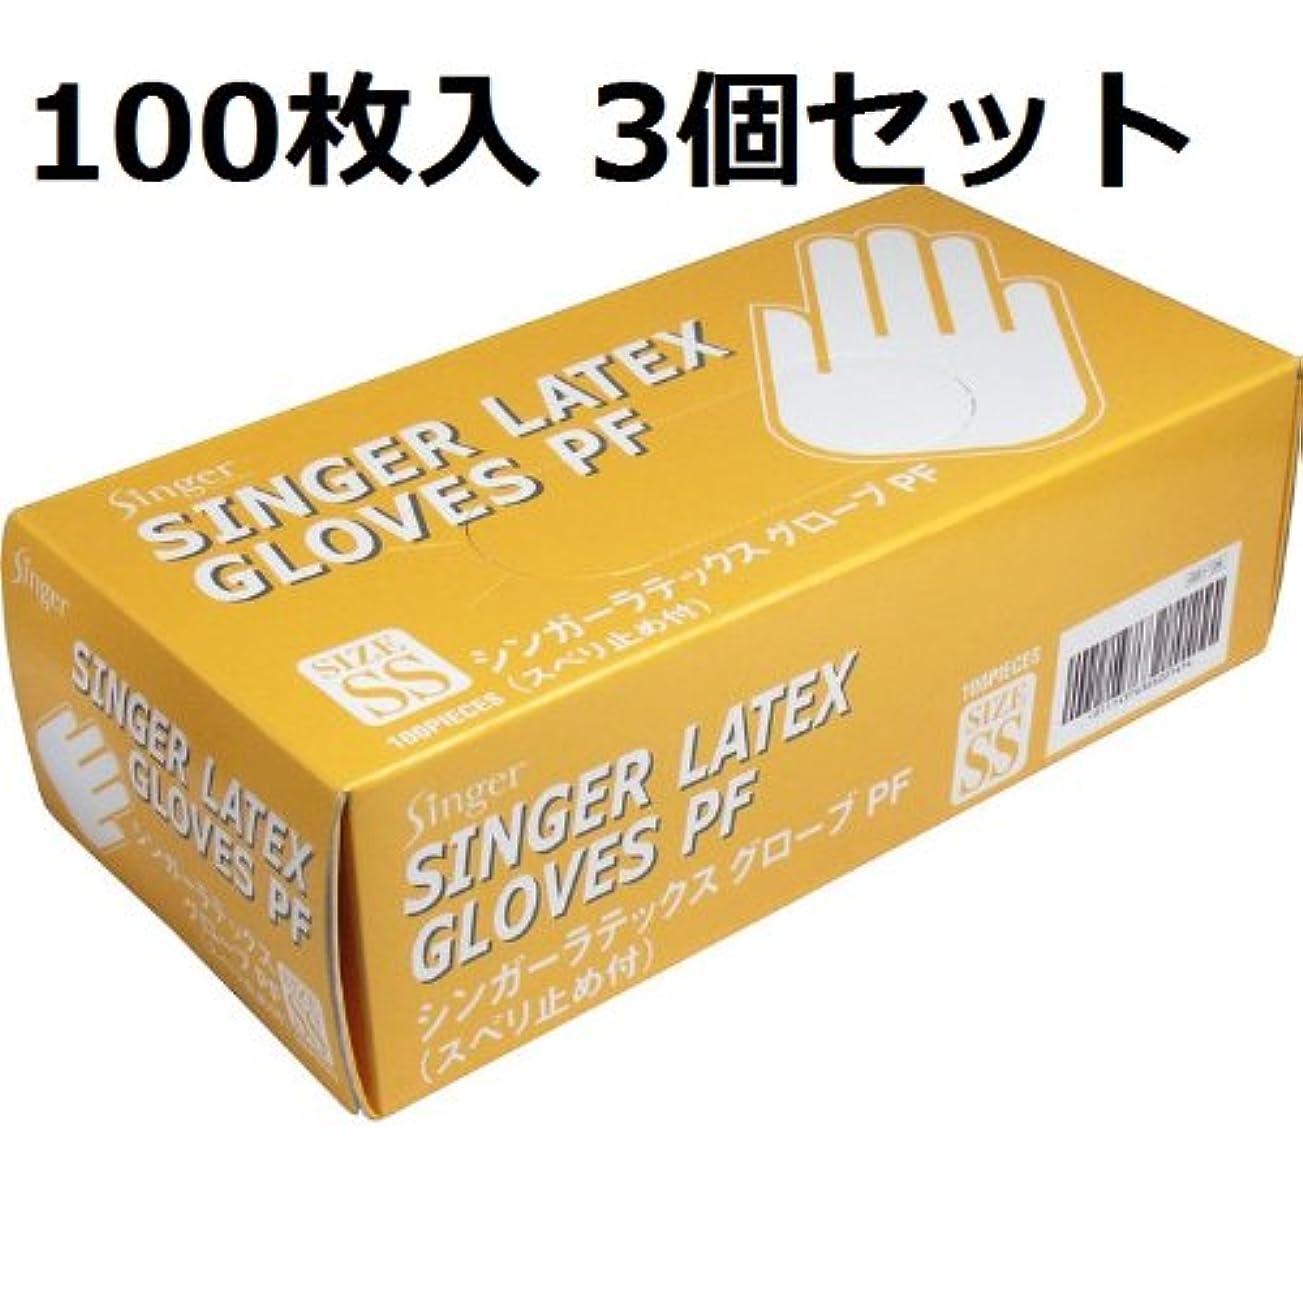 紀元前農学ギャロップ家庭用から業務用まで幅広くお使いいただける 手袋 SSサイズ 100枚入 3個セット